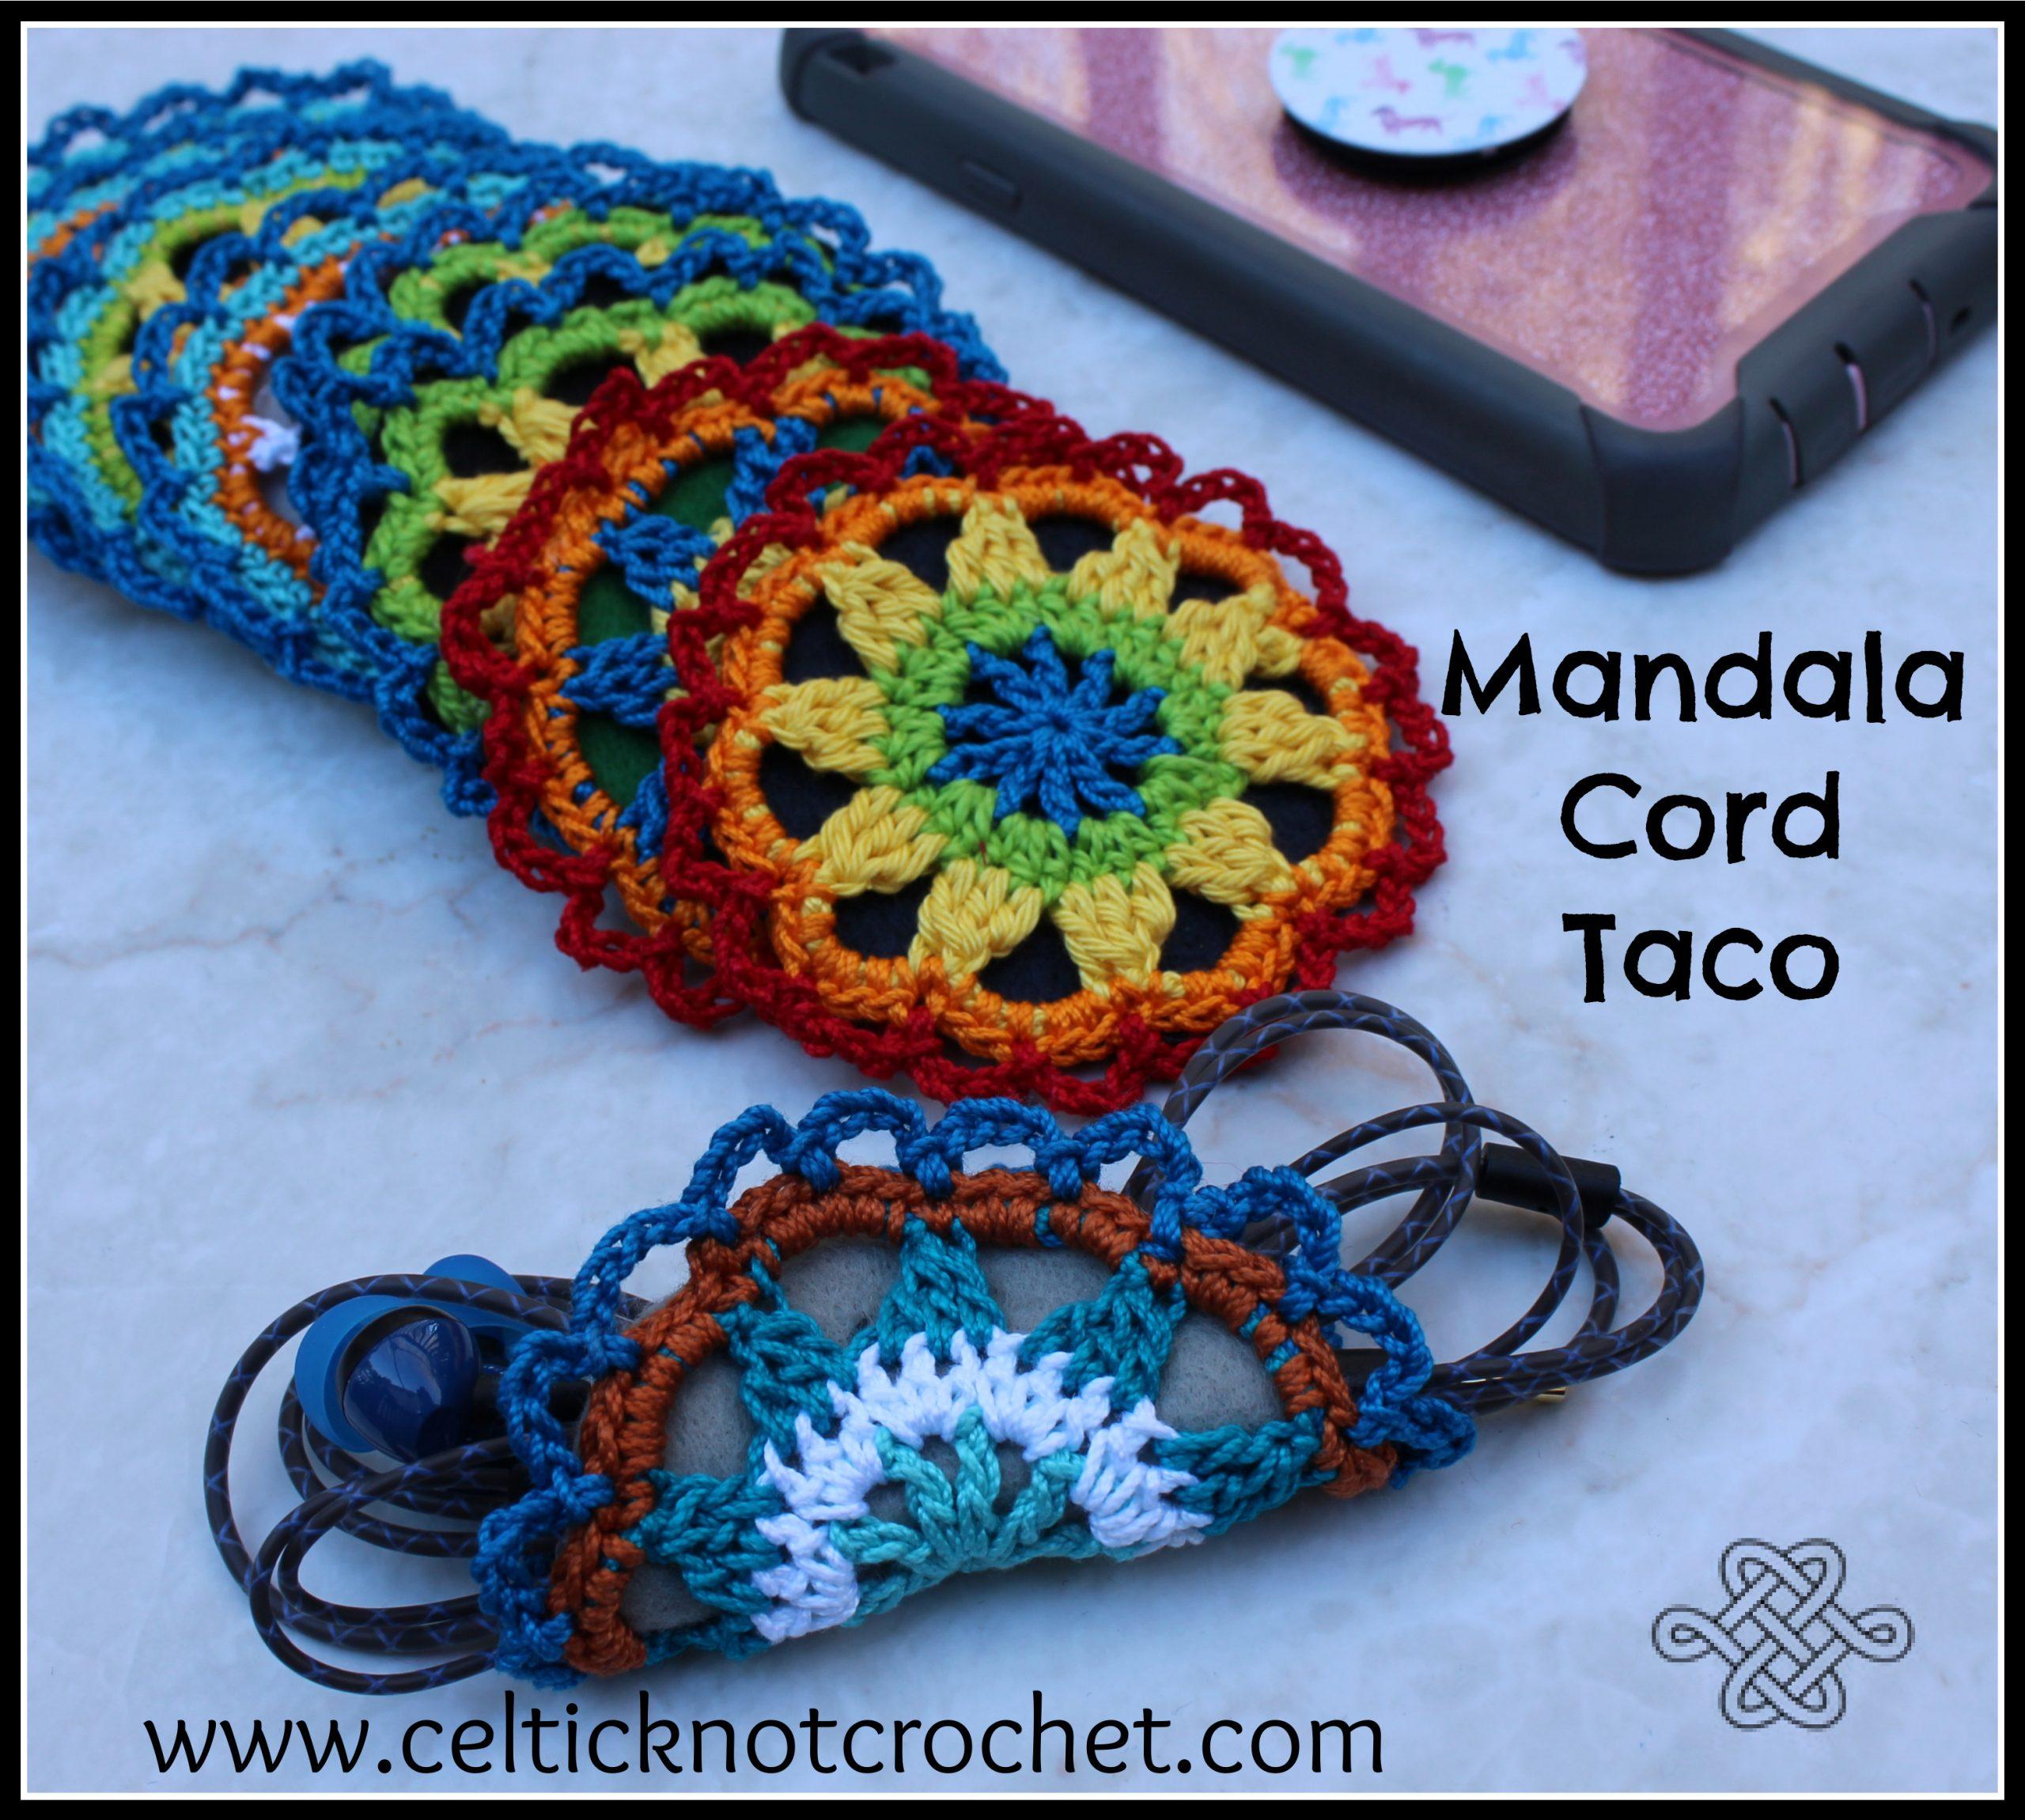 colorful crocheted mandala cord keeper